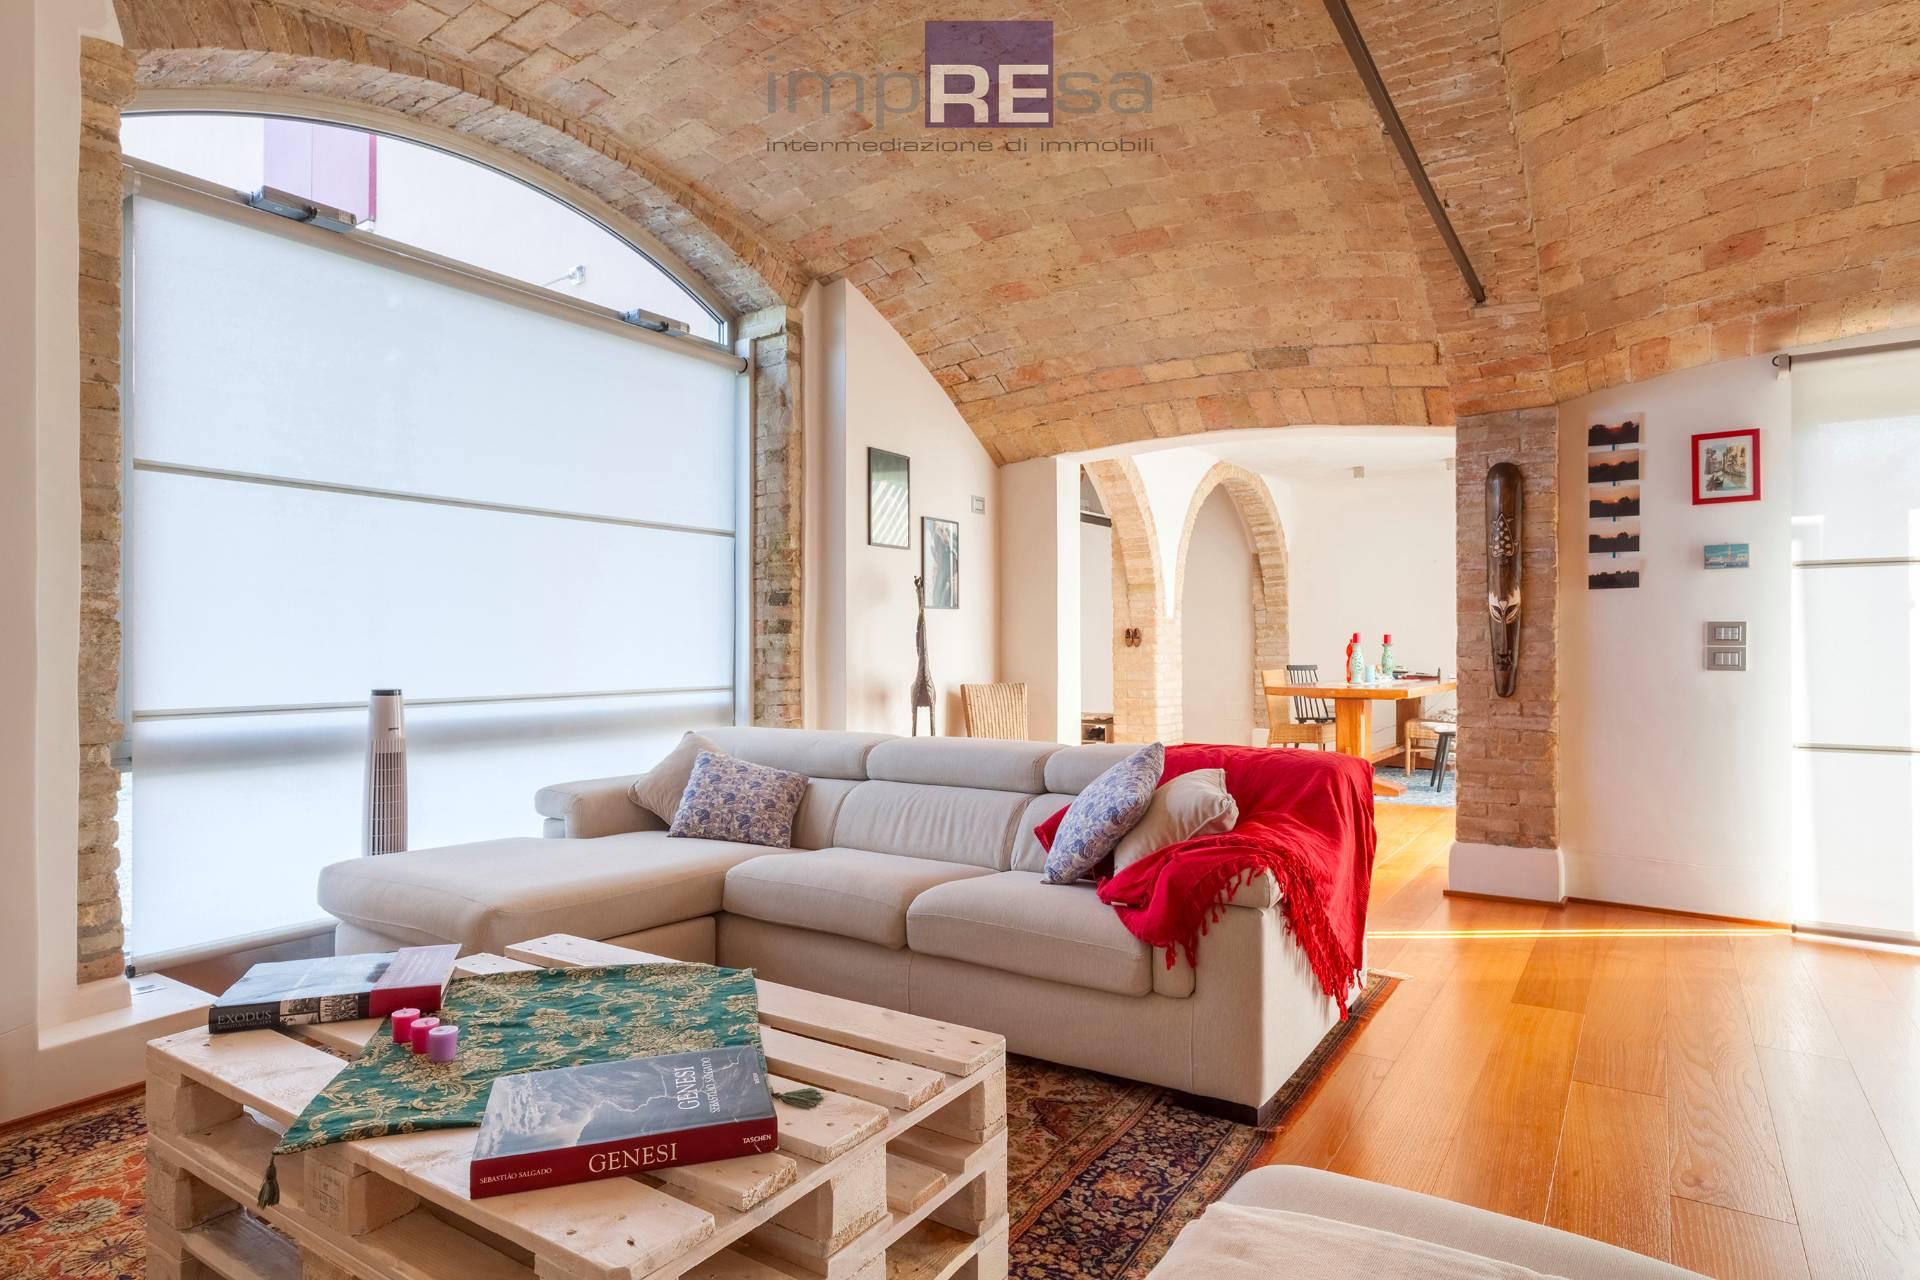 Rustico / Casale in vendita a San Biagio di Callalta, 3 locali, zona Località: Centro, prezzo € 290.000 | CambioCasa.it